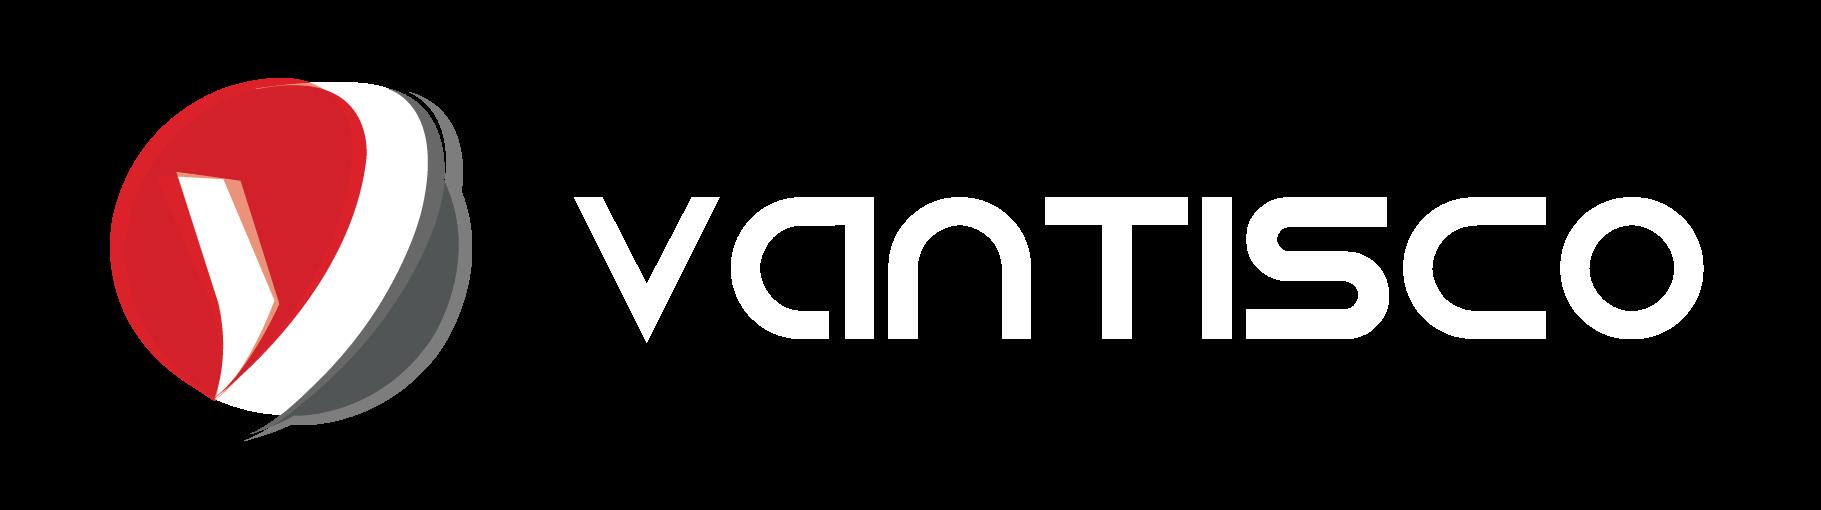 Vantisco Language Center